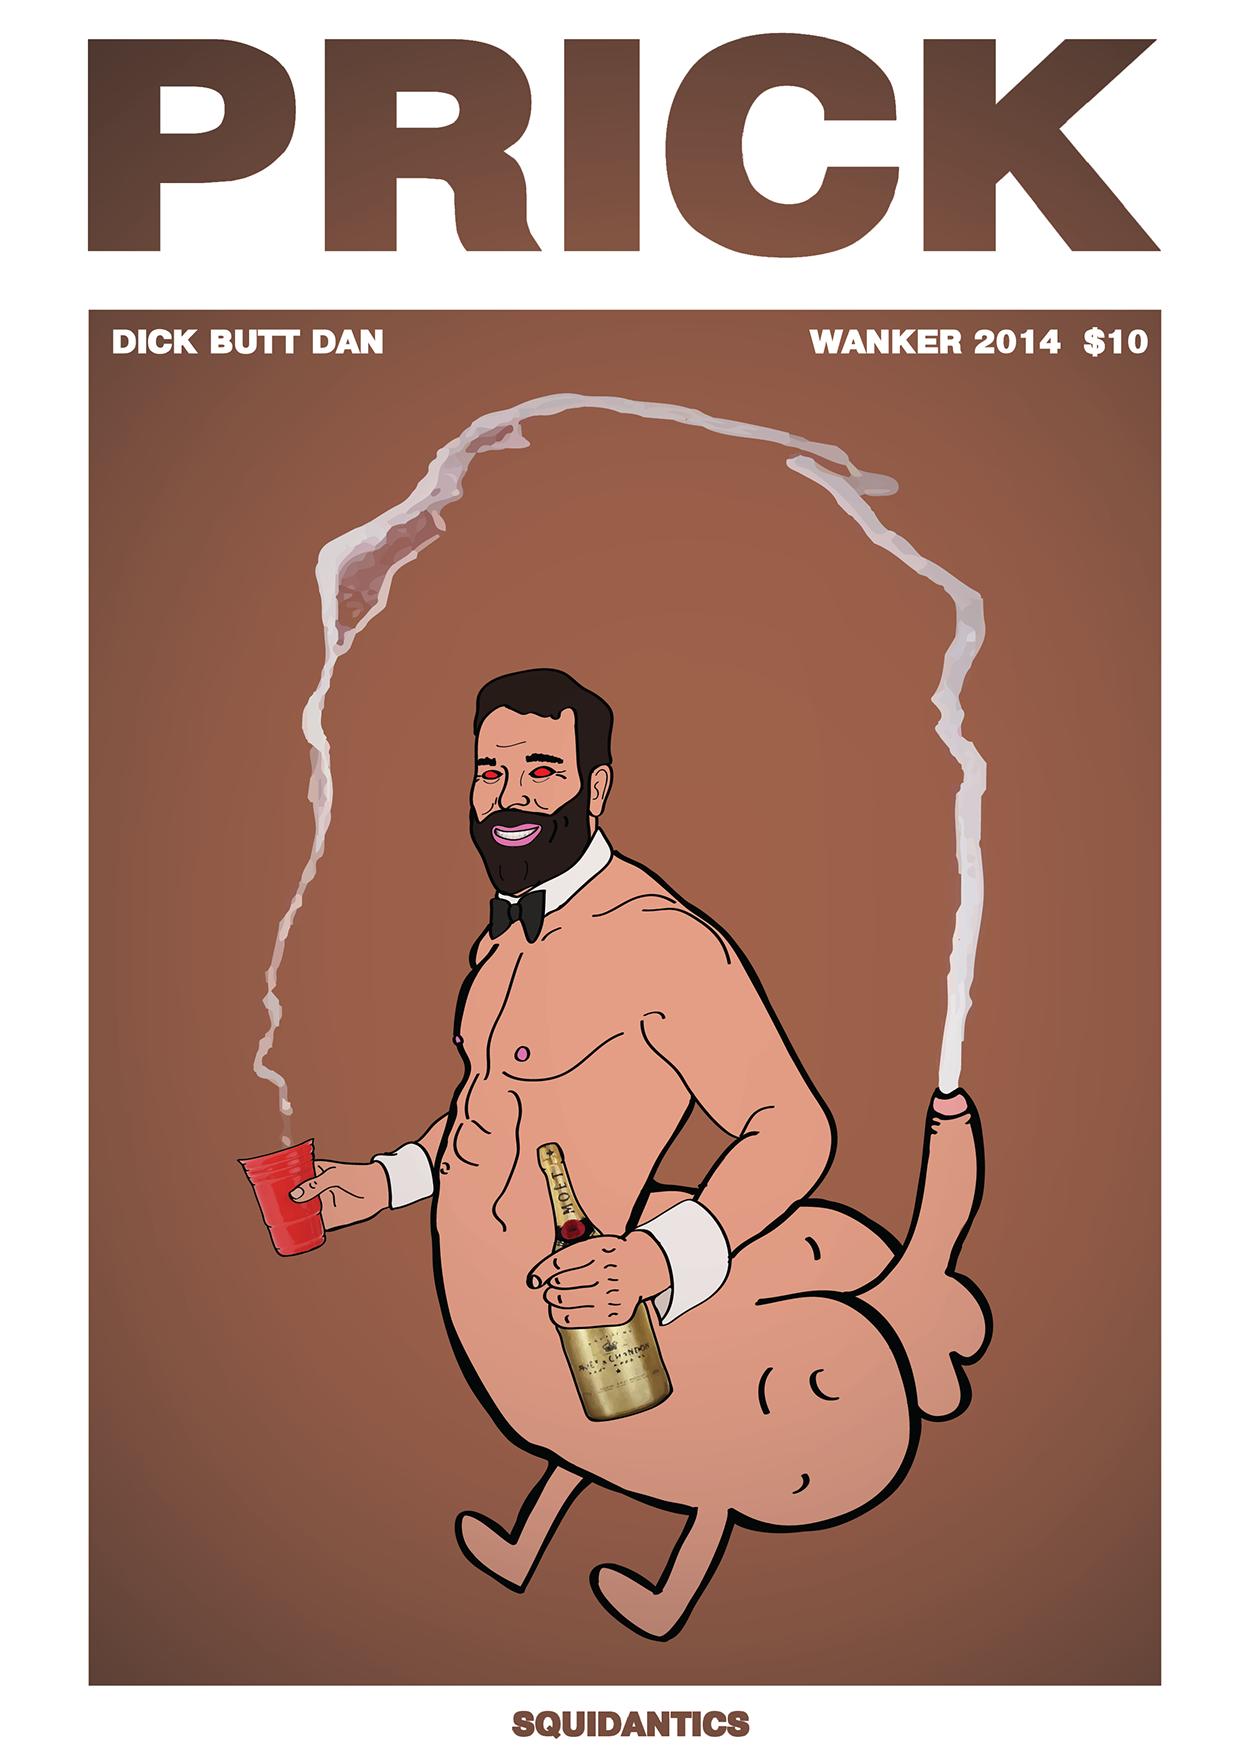 Dick in butt